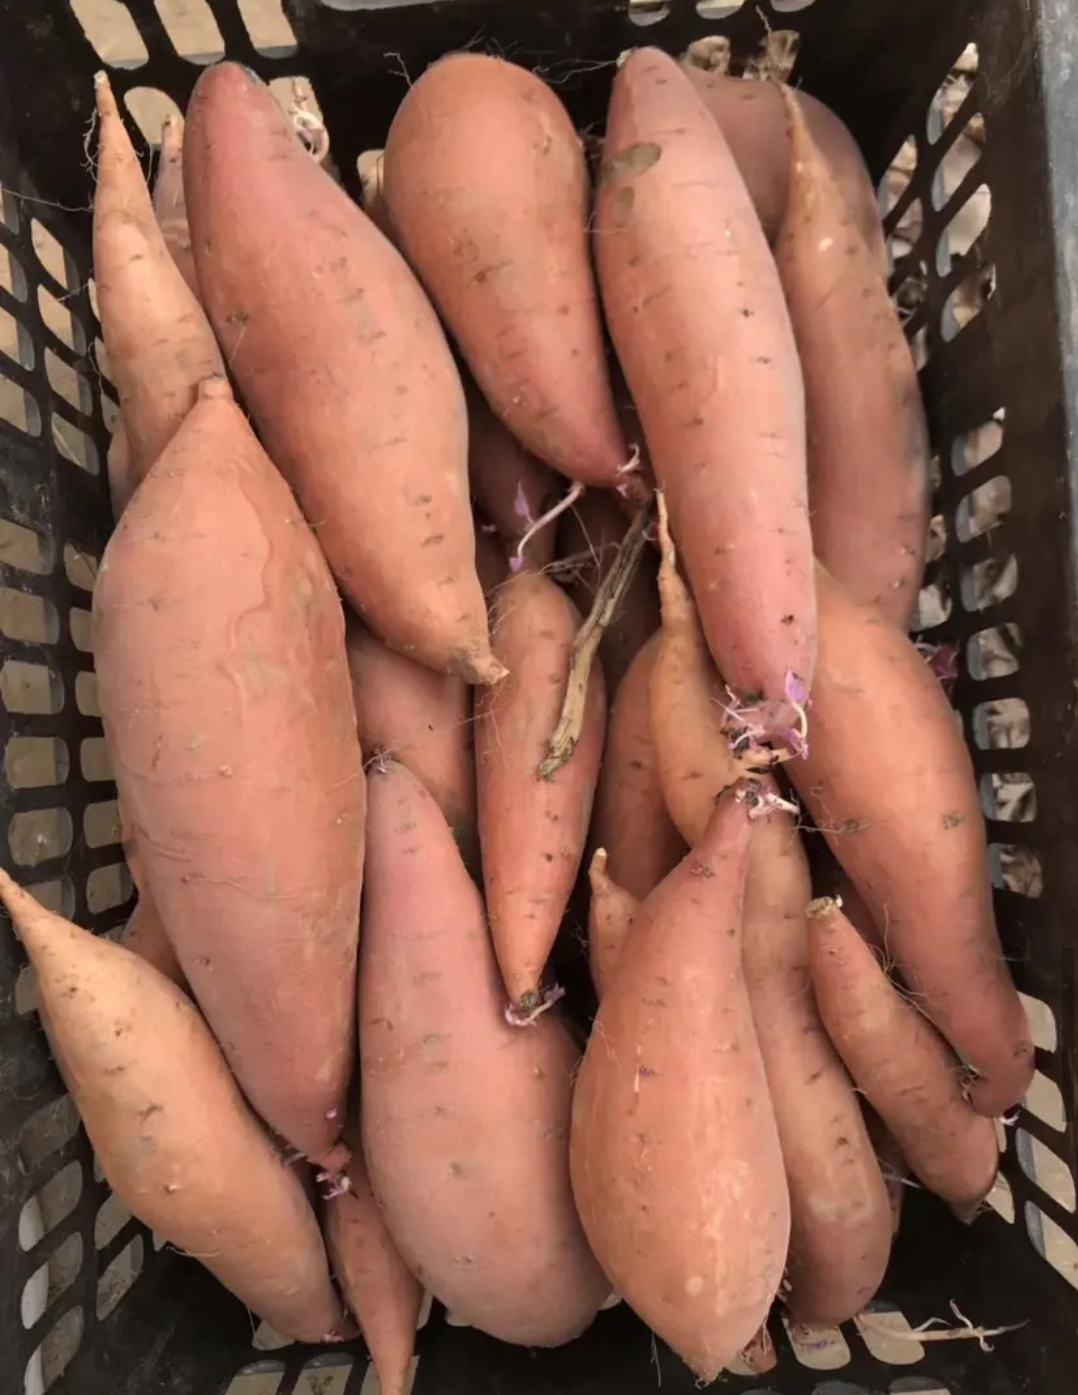 精品 红薯:烟薯25 红香蕉 来福 质量保证全国发货